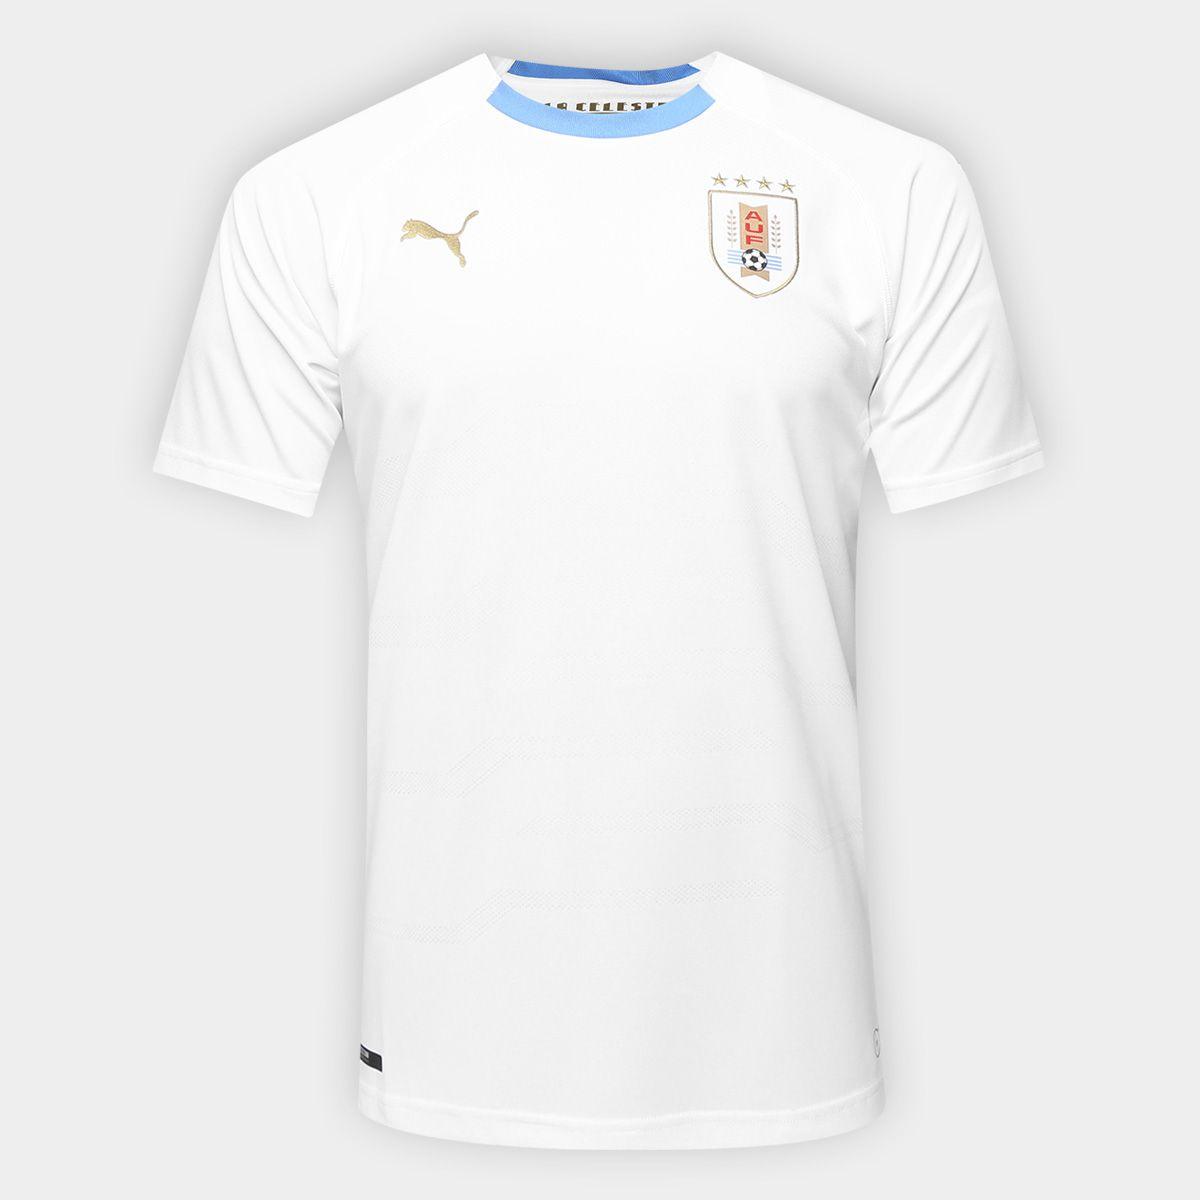 502f589a528ae Camisa Seleção Uruguai Away s n° 2018 - Torcedor Puma Masculina - Compre  Agora